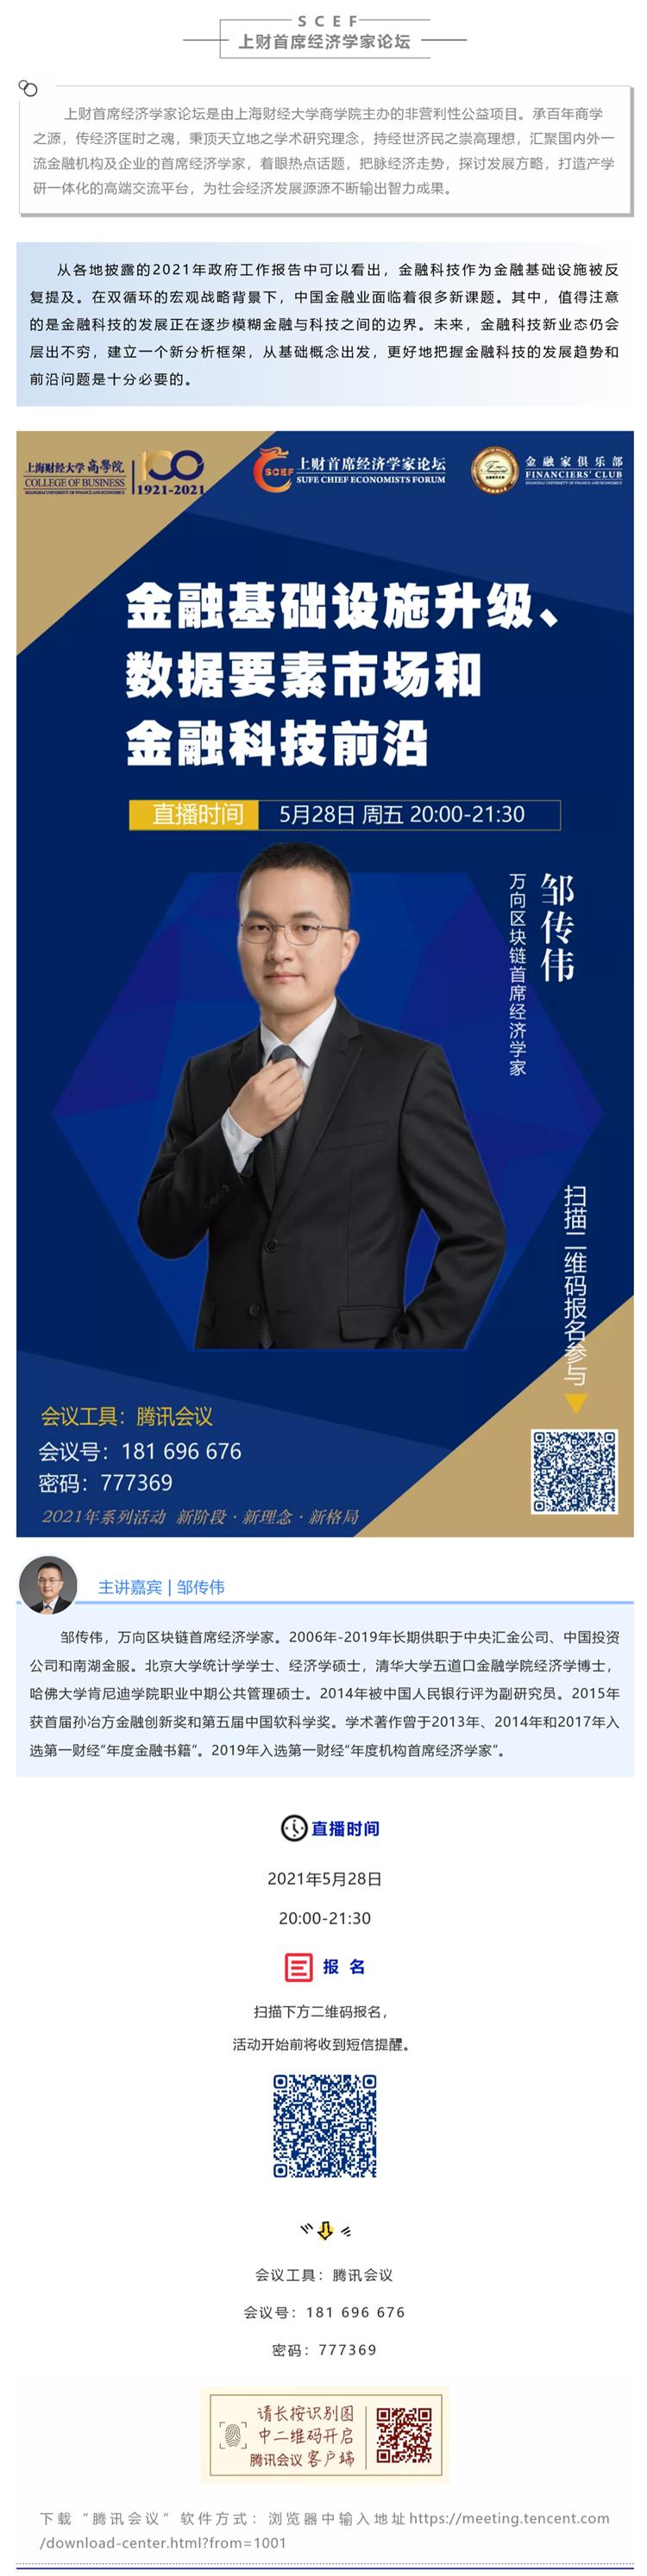 直播 · 5_28 - 邹传伟:金融基础设施升级、数据要素市场和金融科技前沿.png